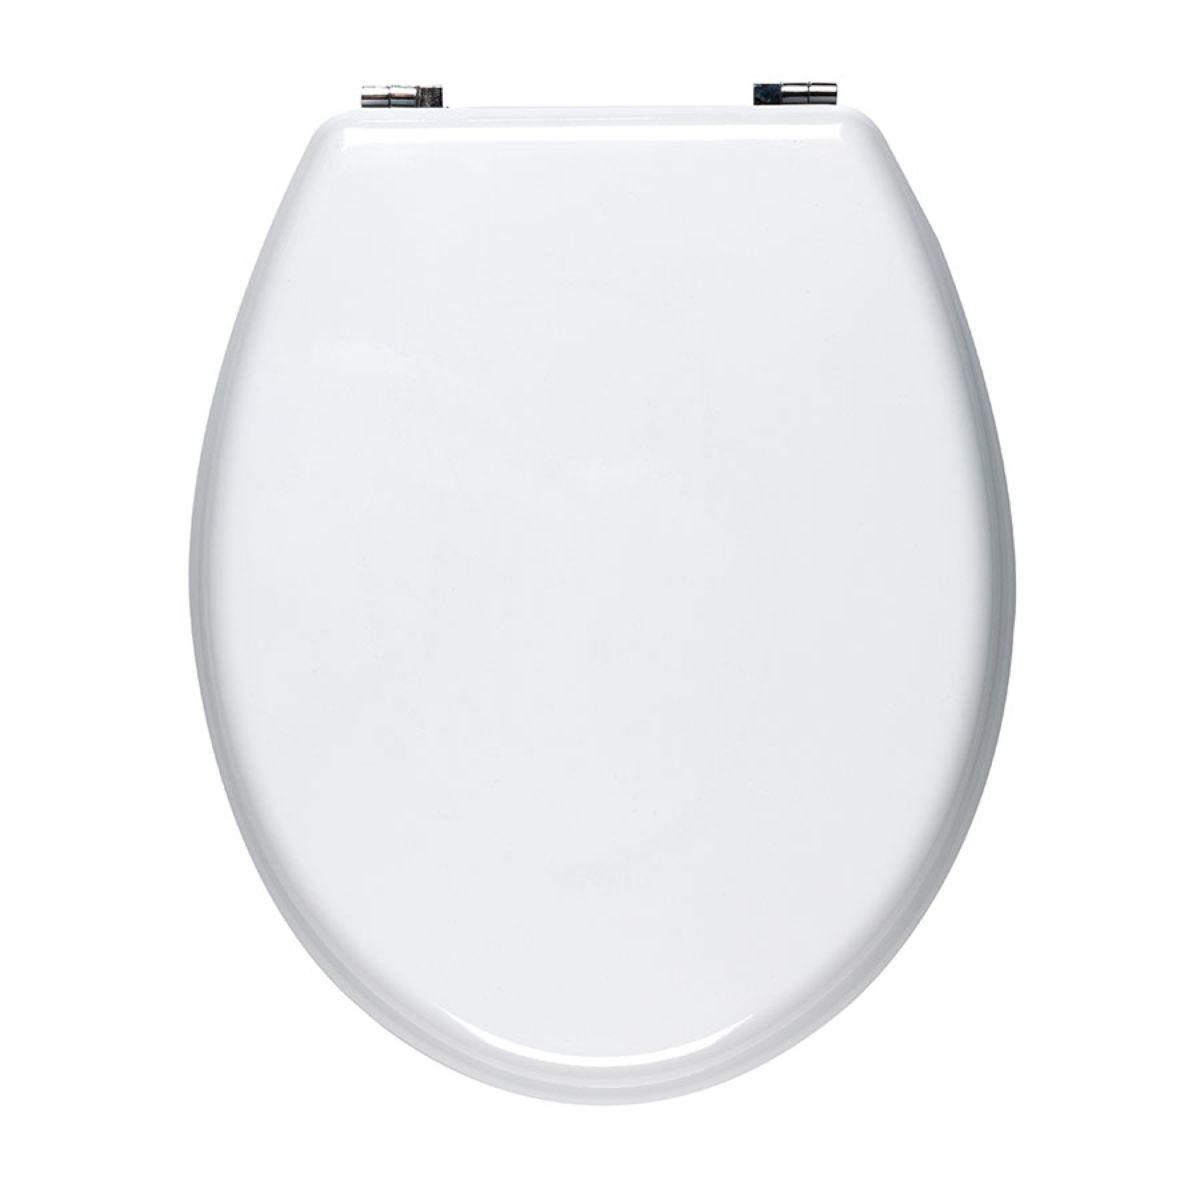 Beldray Toilet Seat - White